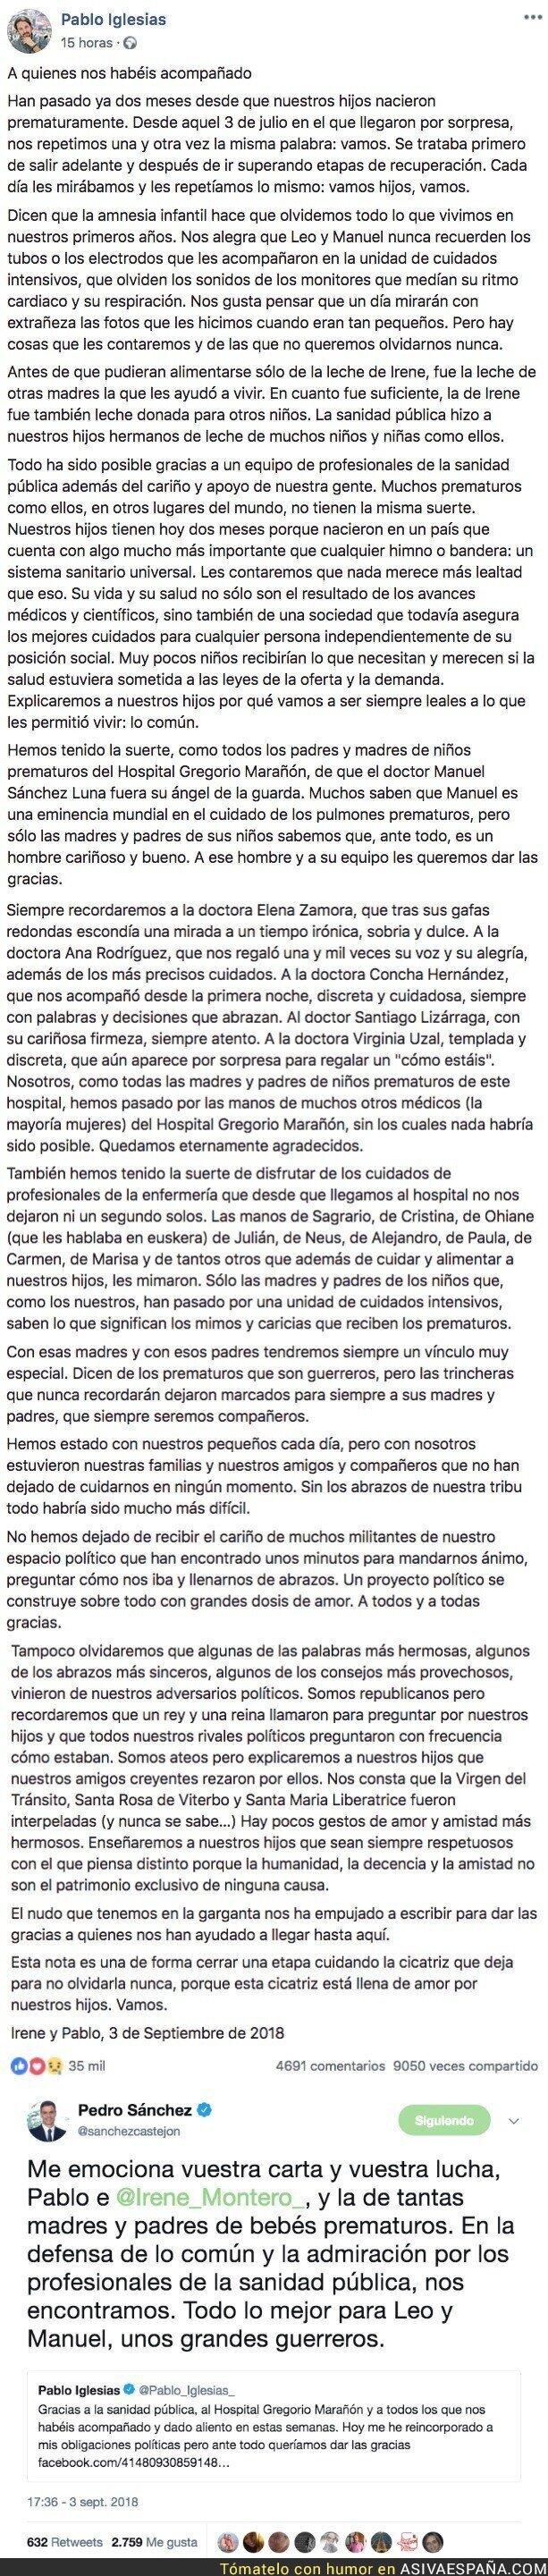 92311 - Pedro Sánchez elogia y homenajea así a Pablo Iglesias tras su agradecimiento en redes a la Sanidad Pública